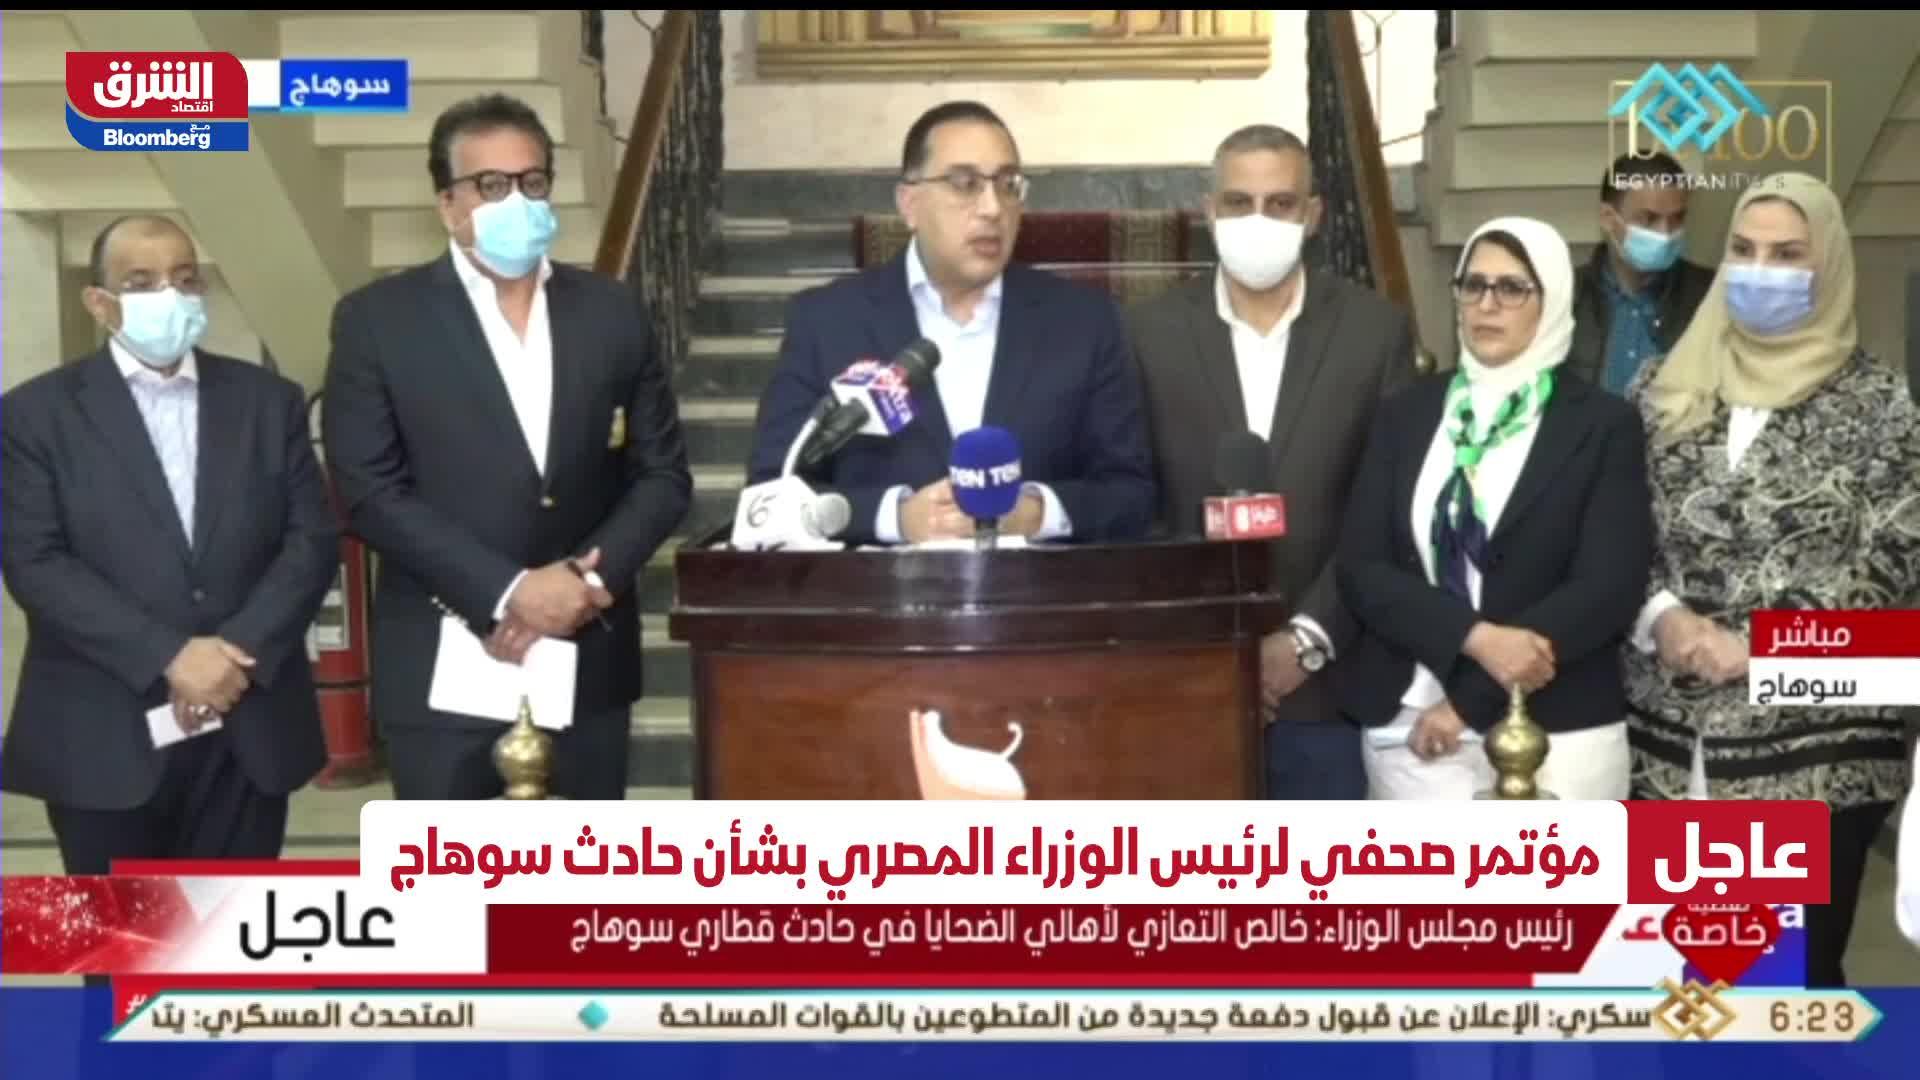 مؤتمر صحفي لرئيس الوزراء المصري بشأن حادثة سوهاج